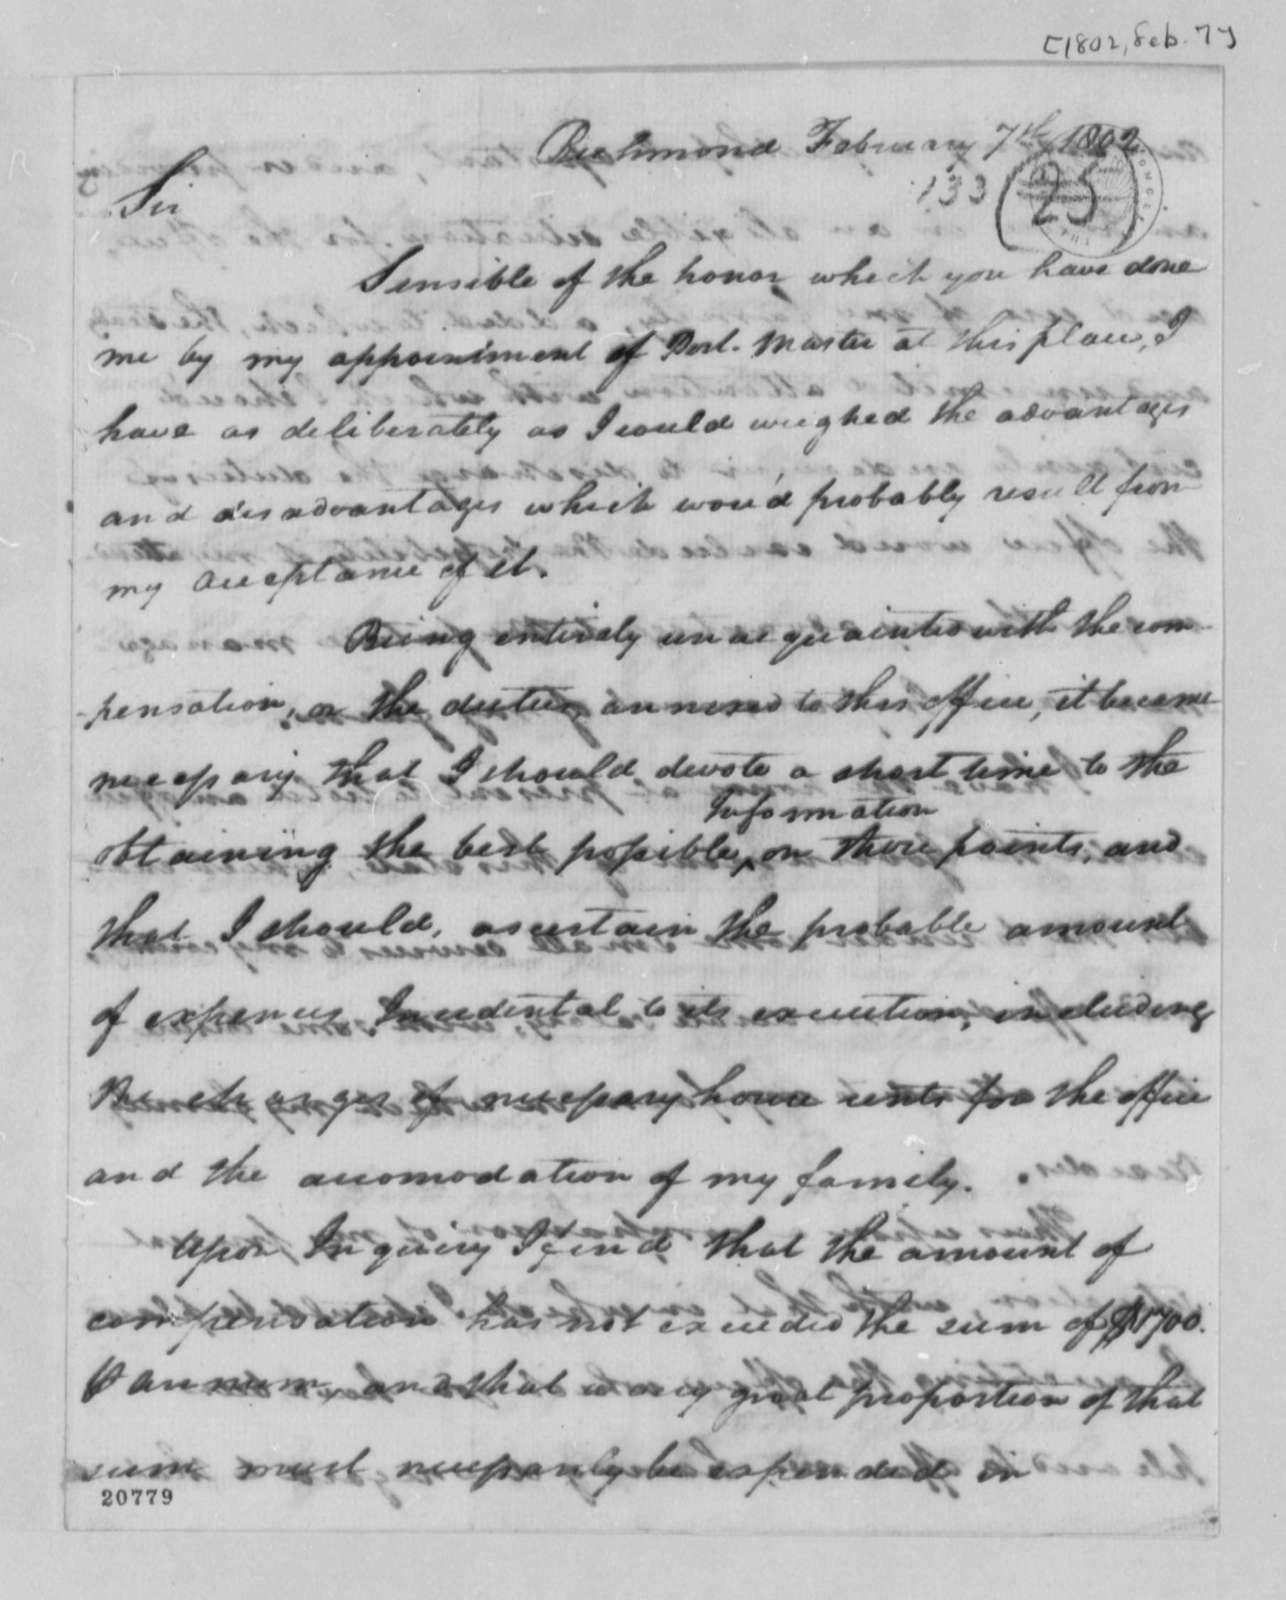 John Guerranty to Thomas Jefferson, February 7, 1802